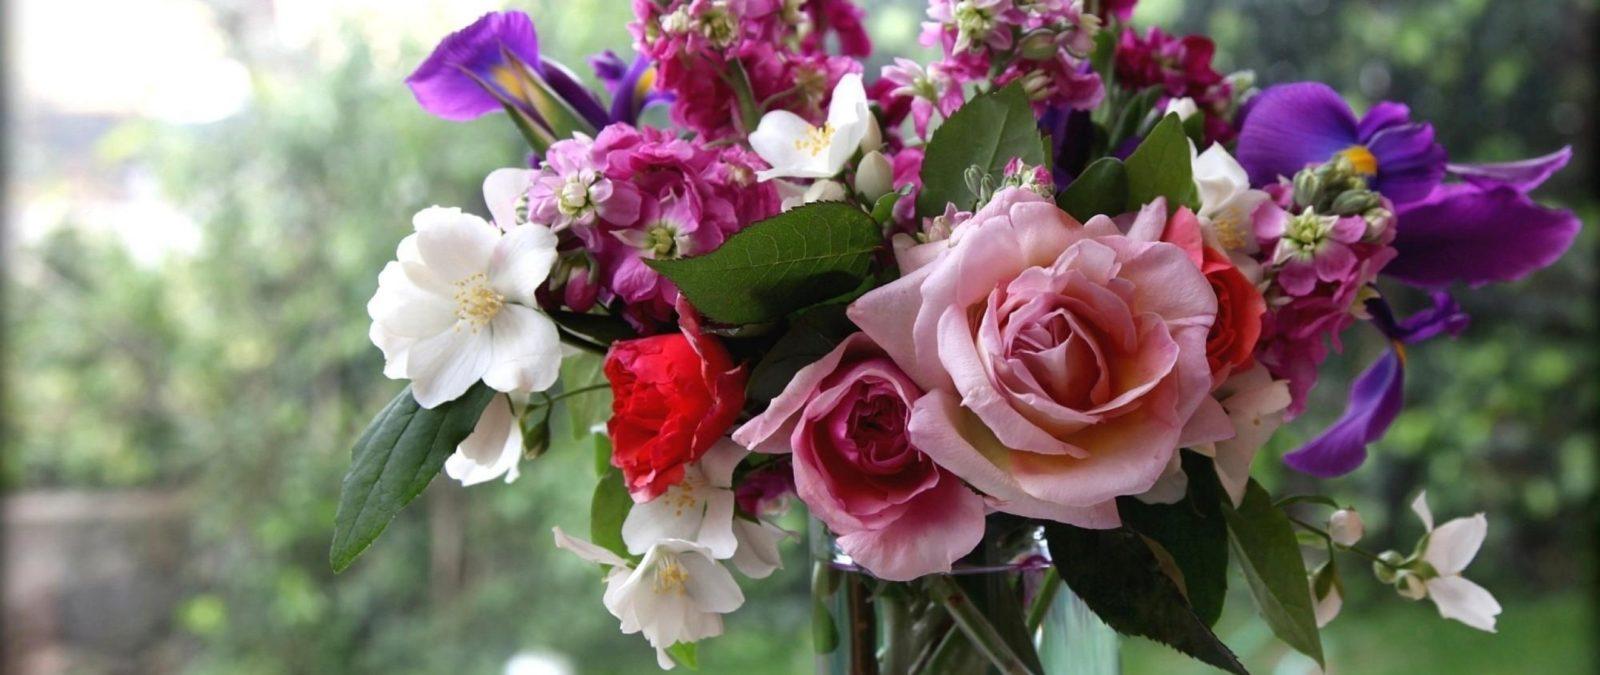 Что нужно сделать чтобы срезанные цветы долго не вяли